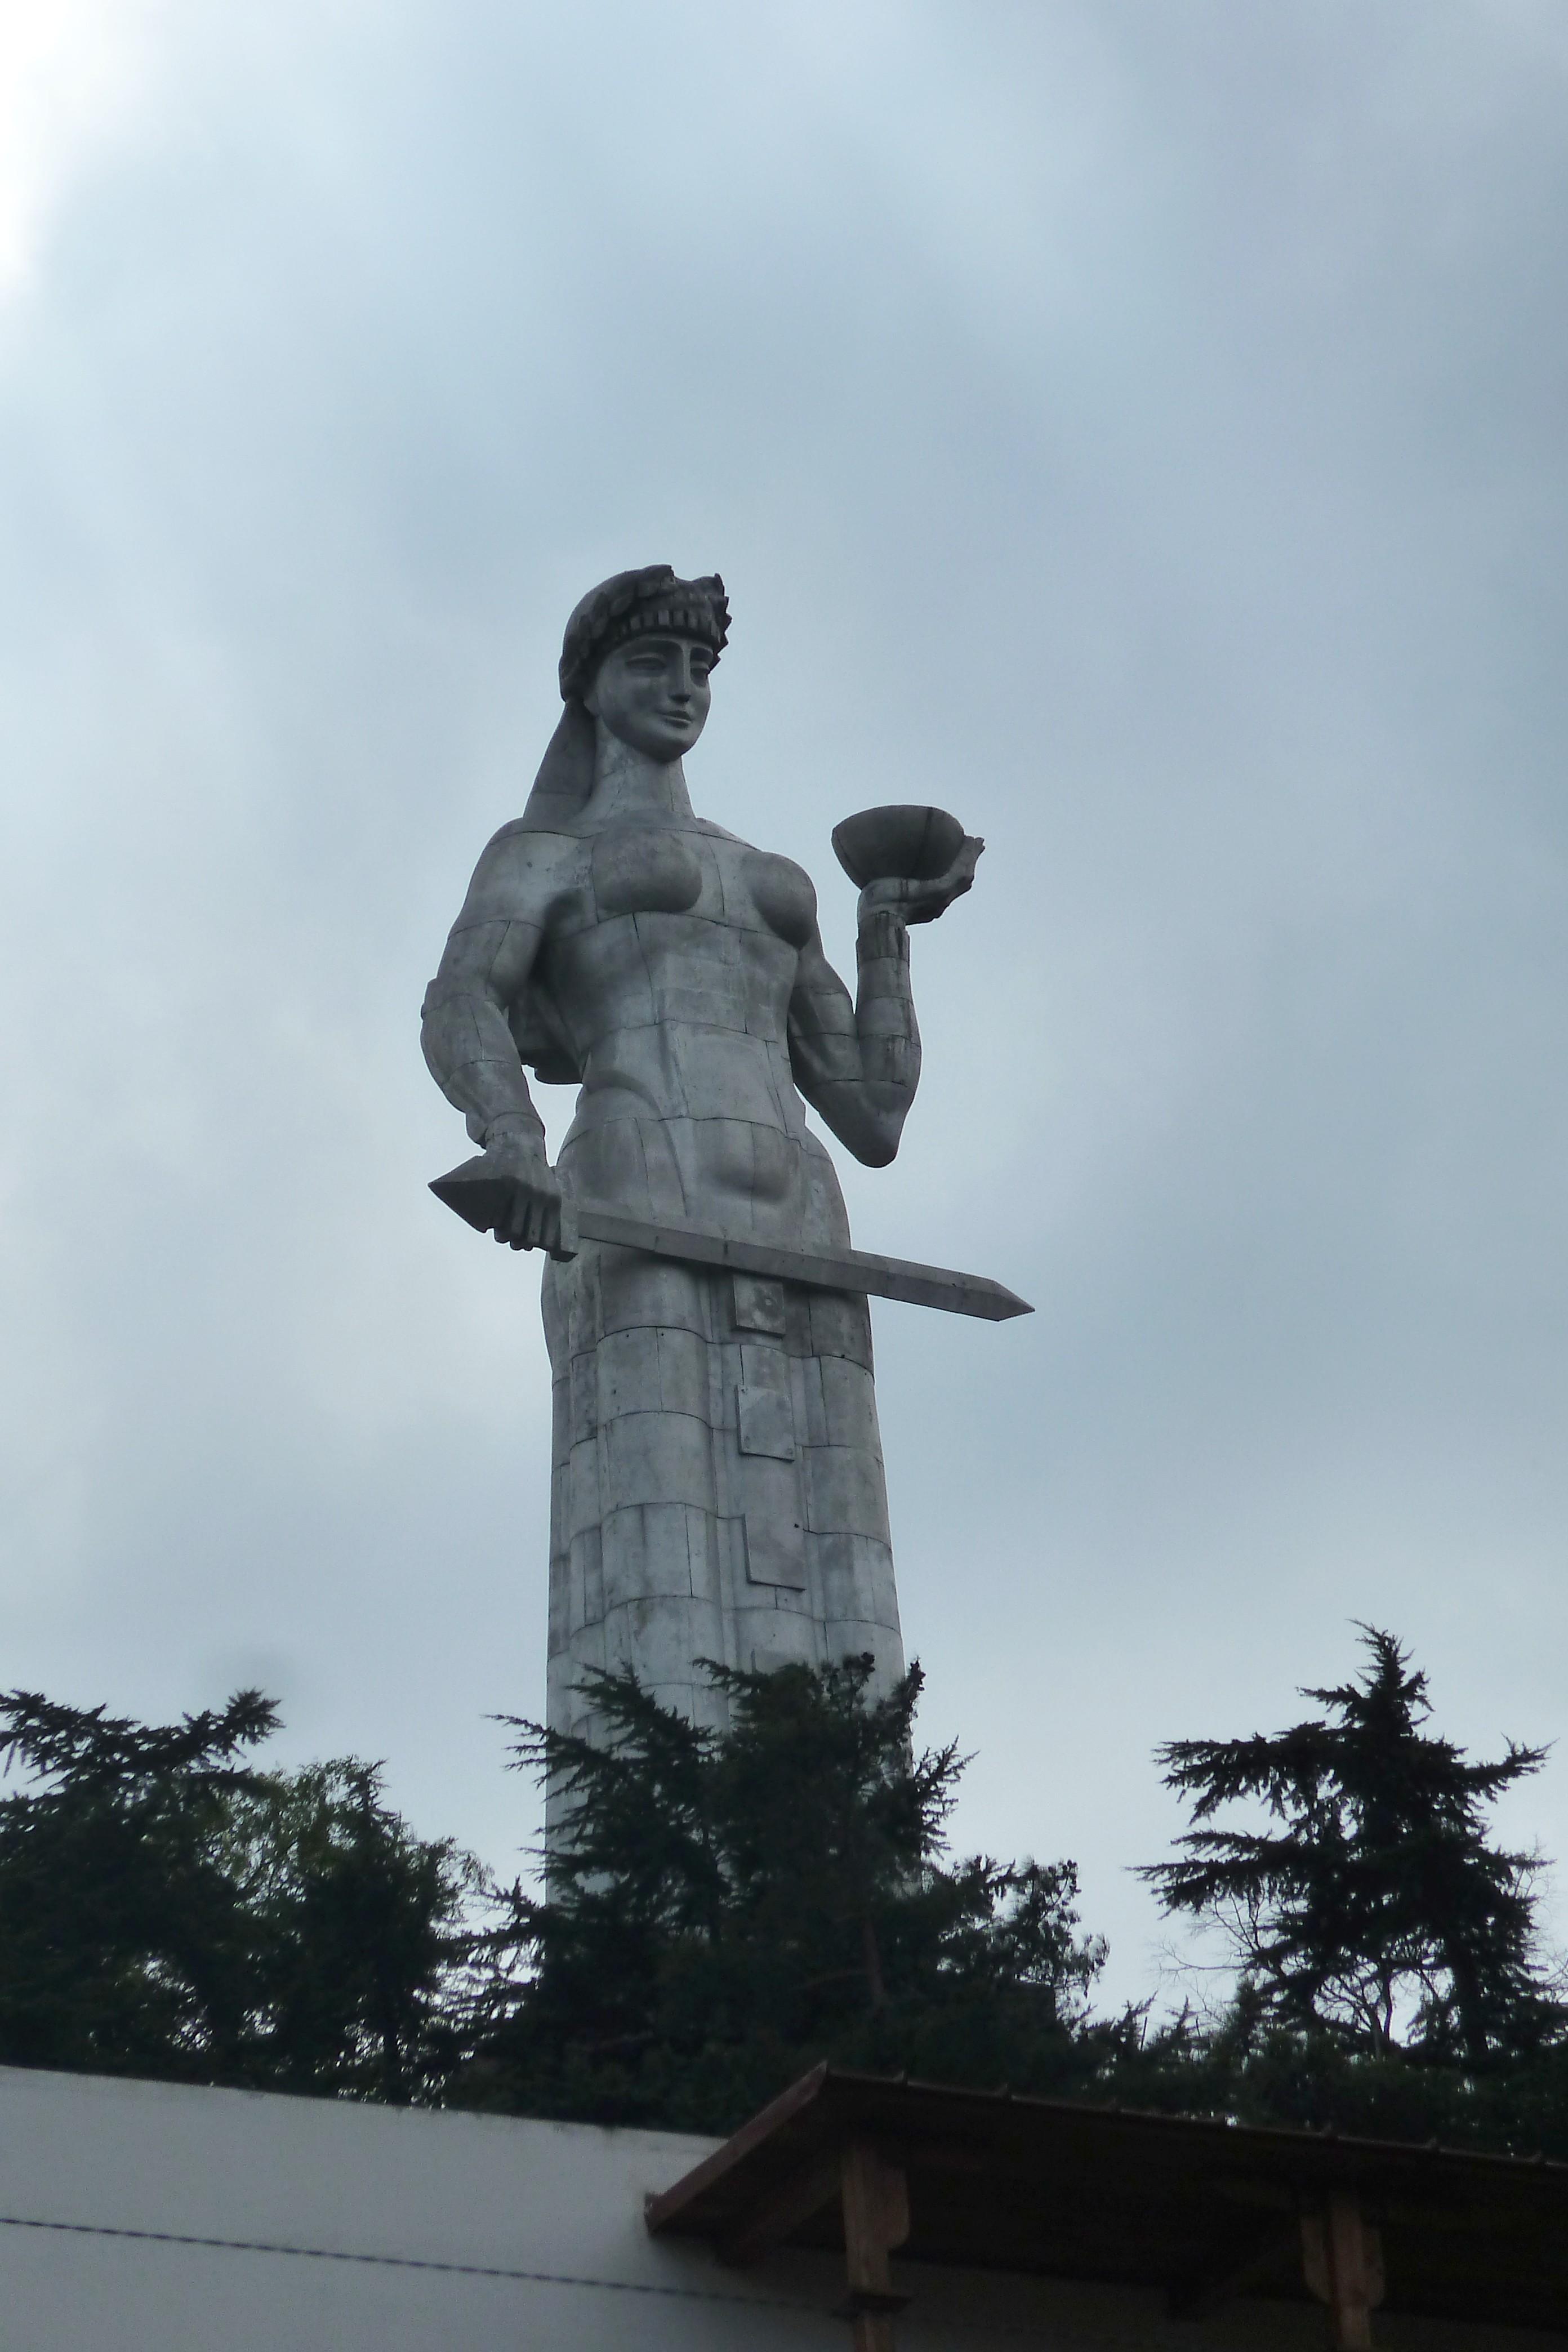 ジョージアの首都トビリシに行ったら必ず訪れるべき観光スポット10選